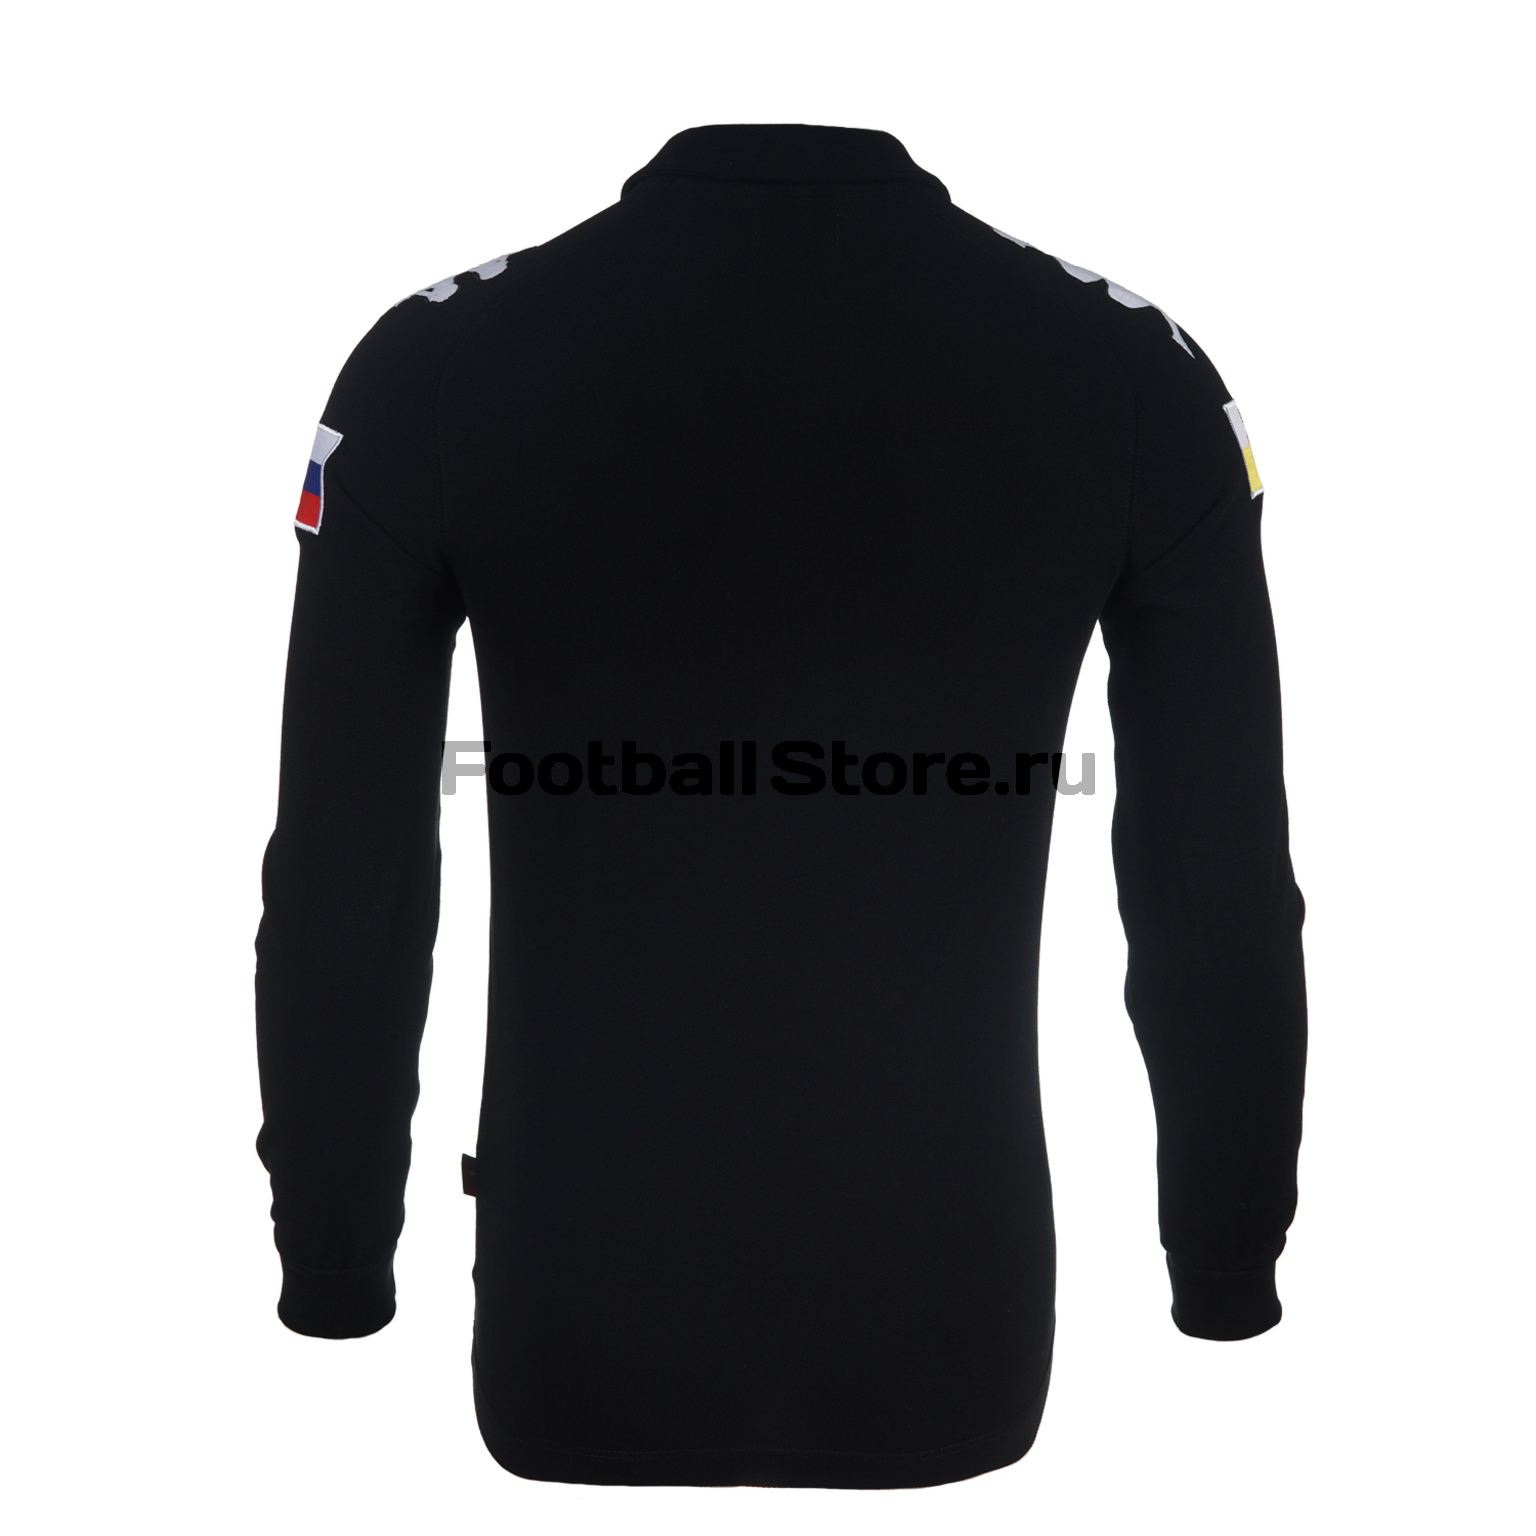 a601e495de53 Рубашка-поло Kappa FC Krasnodar 3-026190-NCP-903 - купить в интернет ...